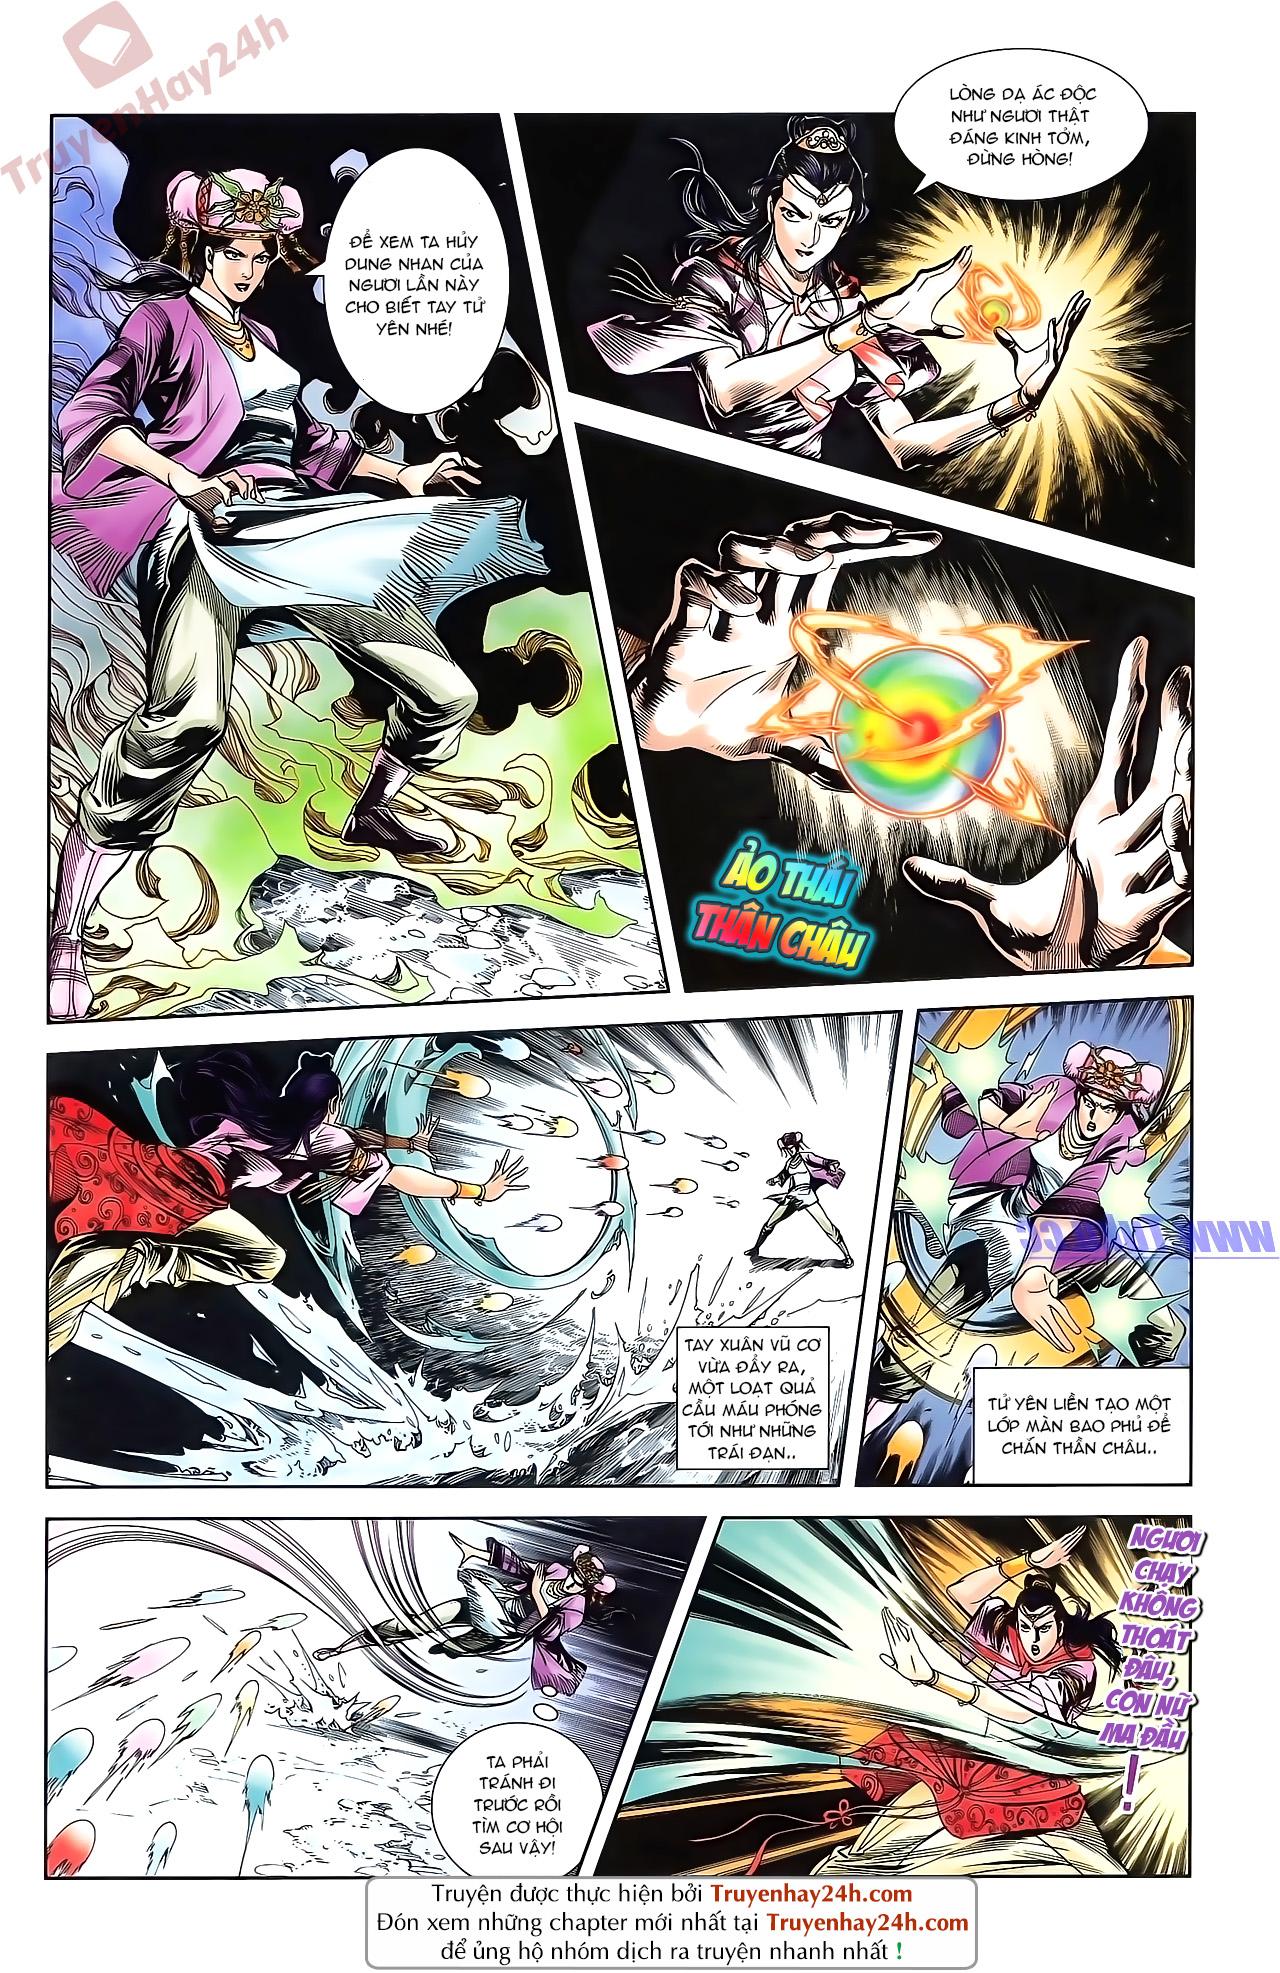 Tần Vương Doanh Chính chapter 51 trang 17